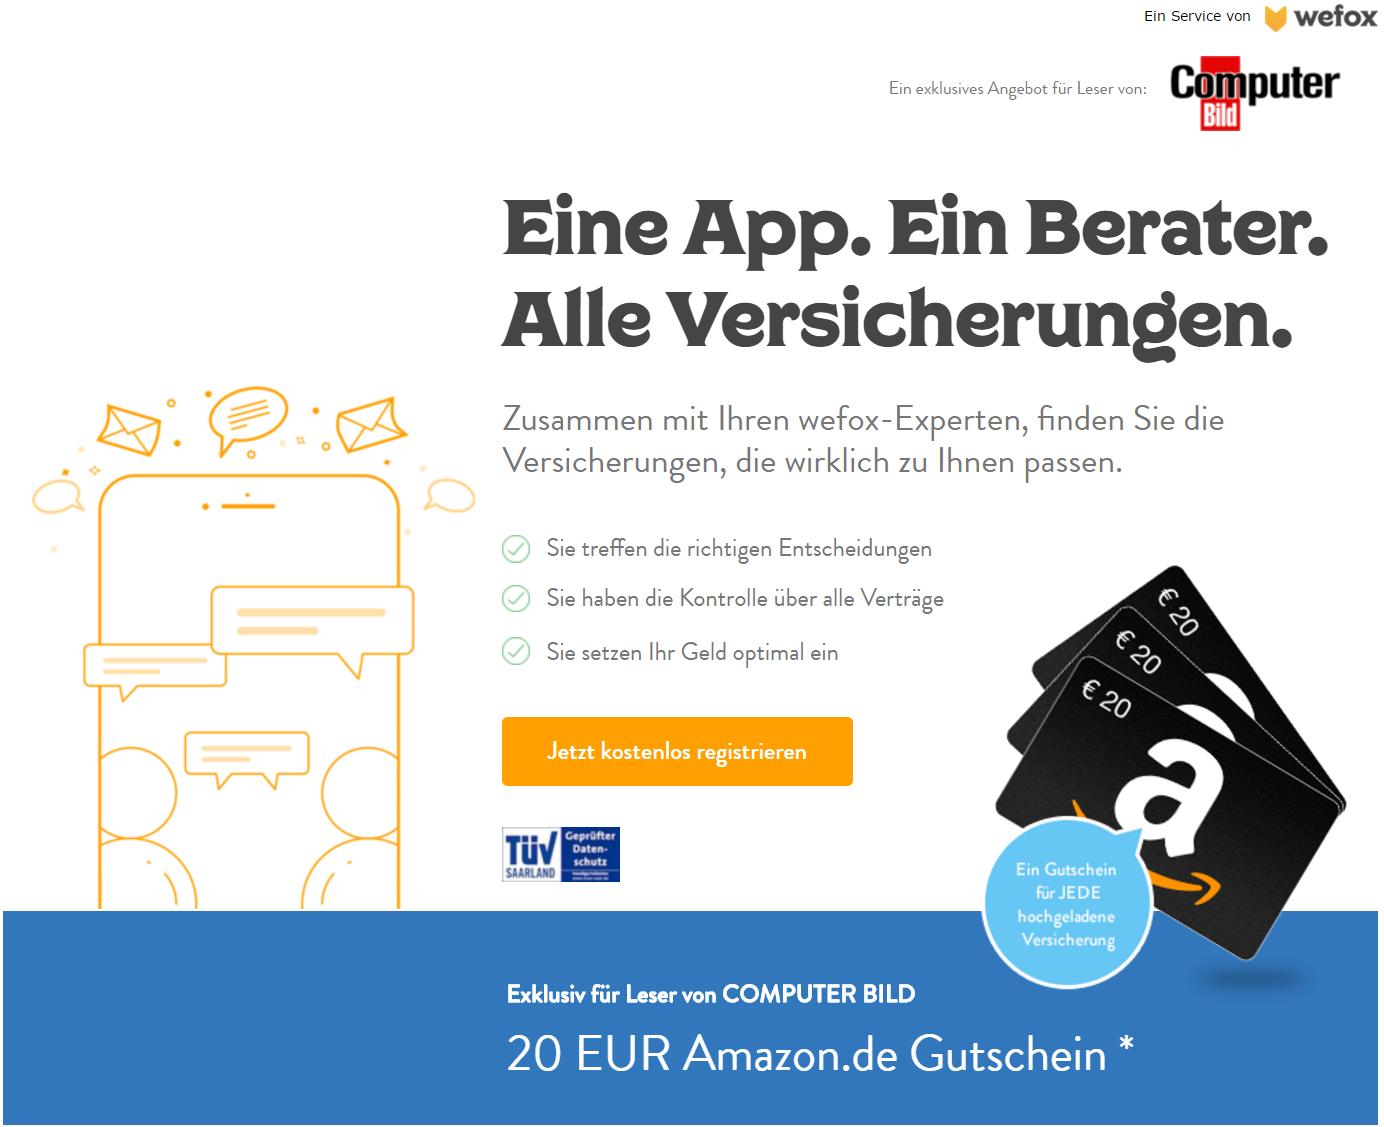 wefox Versicherungs-App mit bis zu 200 Euro Amazon Gutschein über computerbild.de bei Kontoerstellung